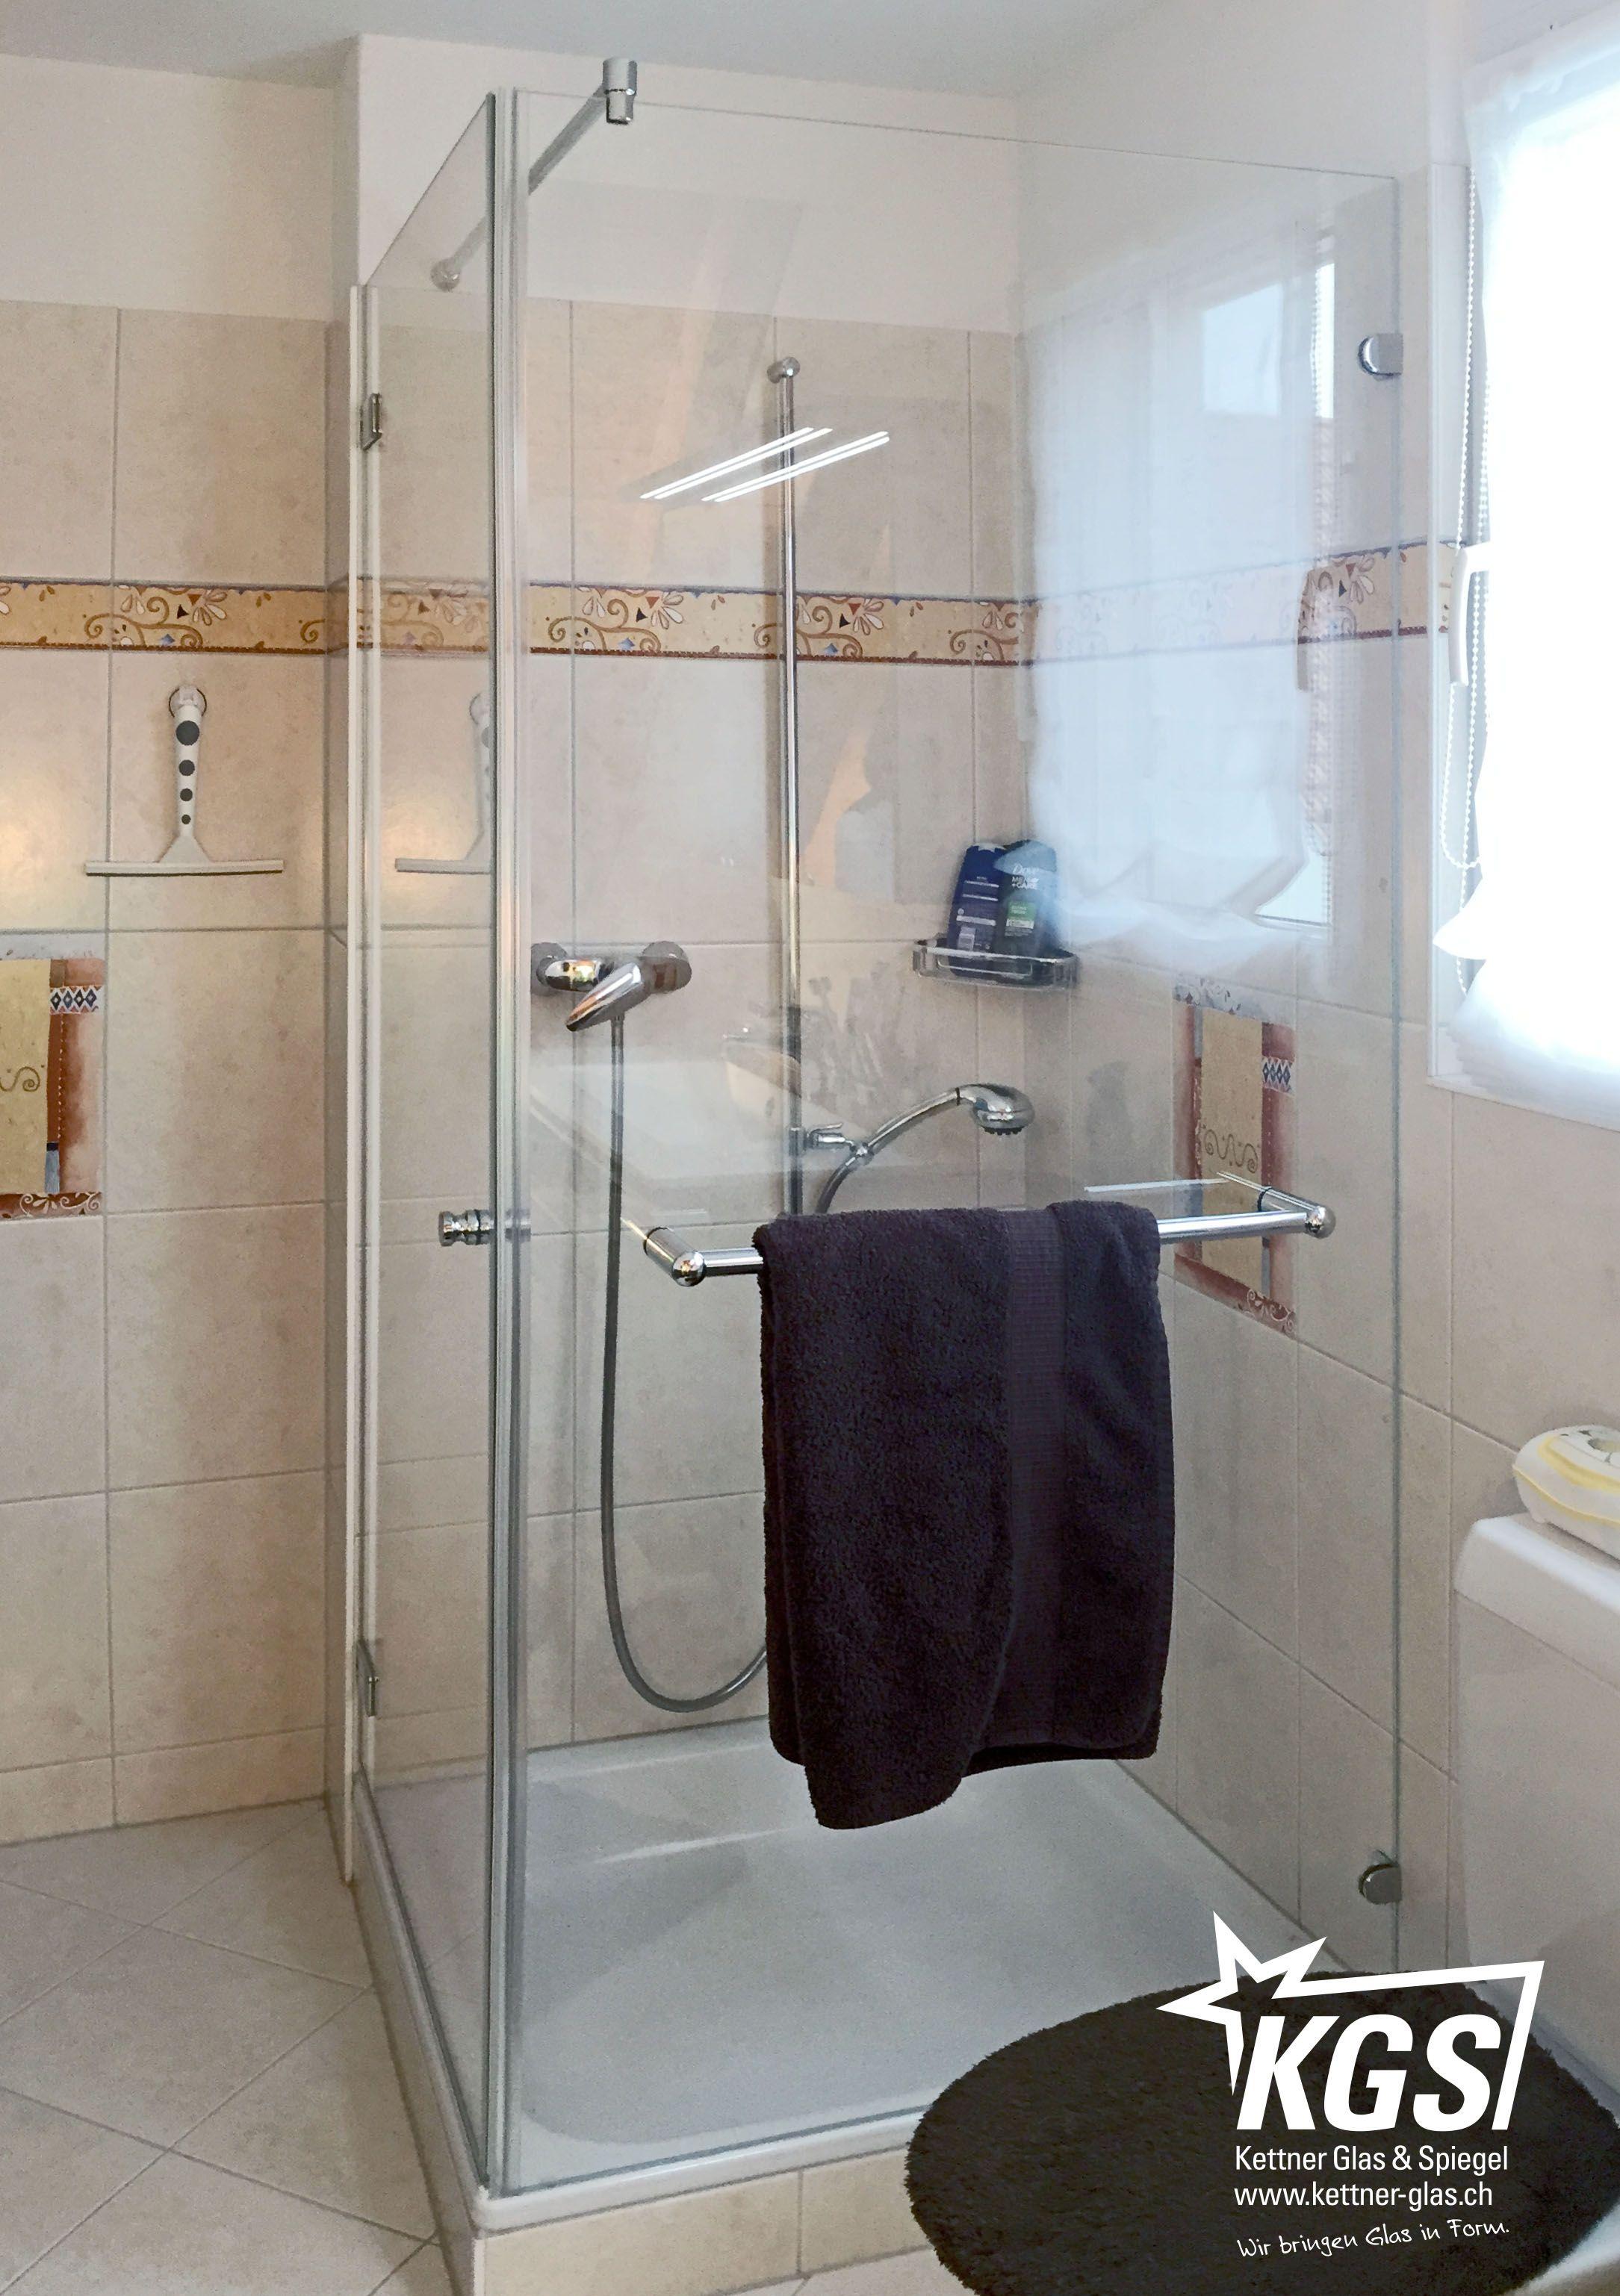 Ganzglasduschkabine Als Ecklosung Aus Diamant Glas Und Magnetdichtungen Schlichten Beschlagen Stabilisationsstange Und Handtuc Dusche Duschkabine Glasduschen